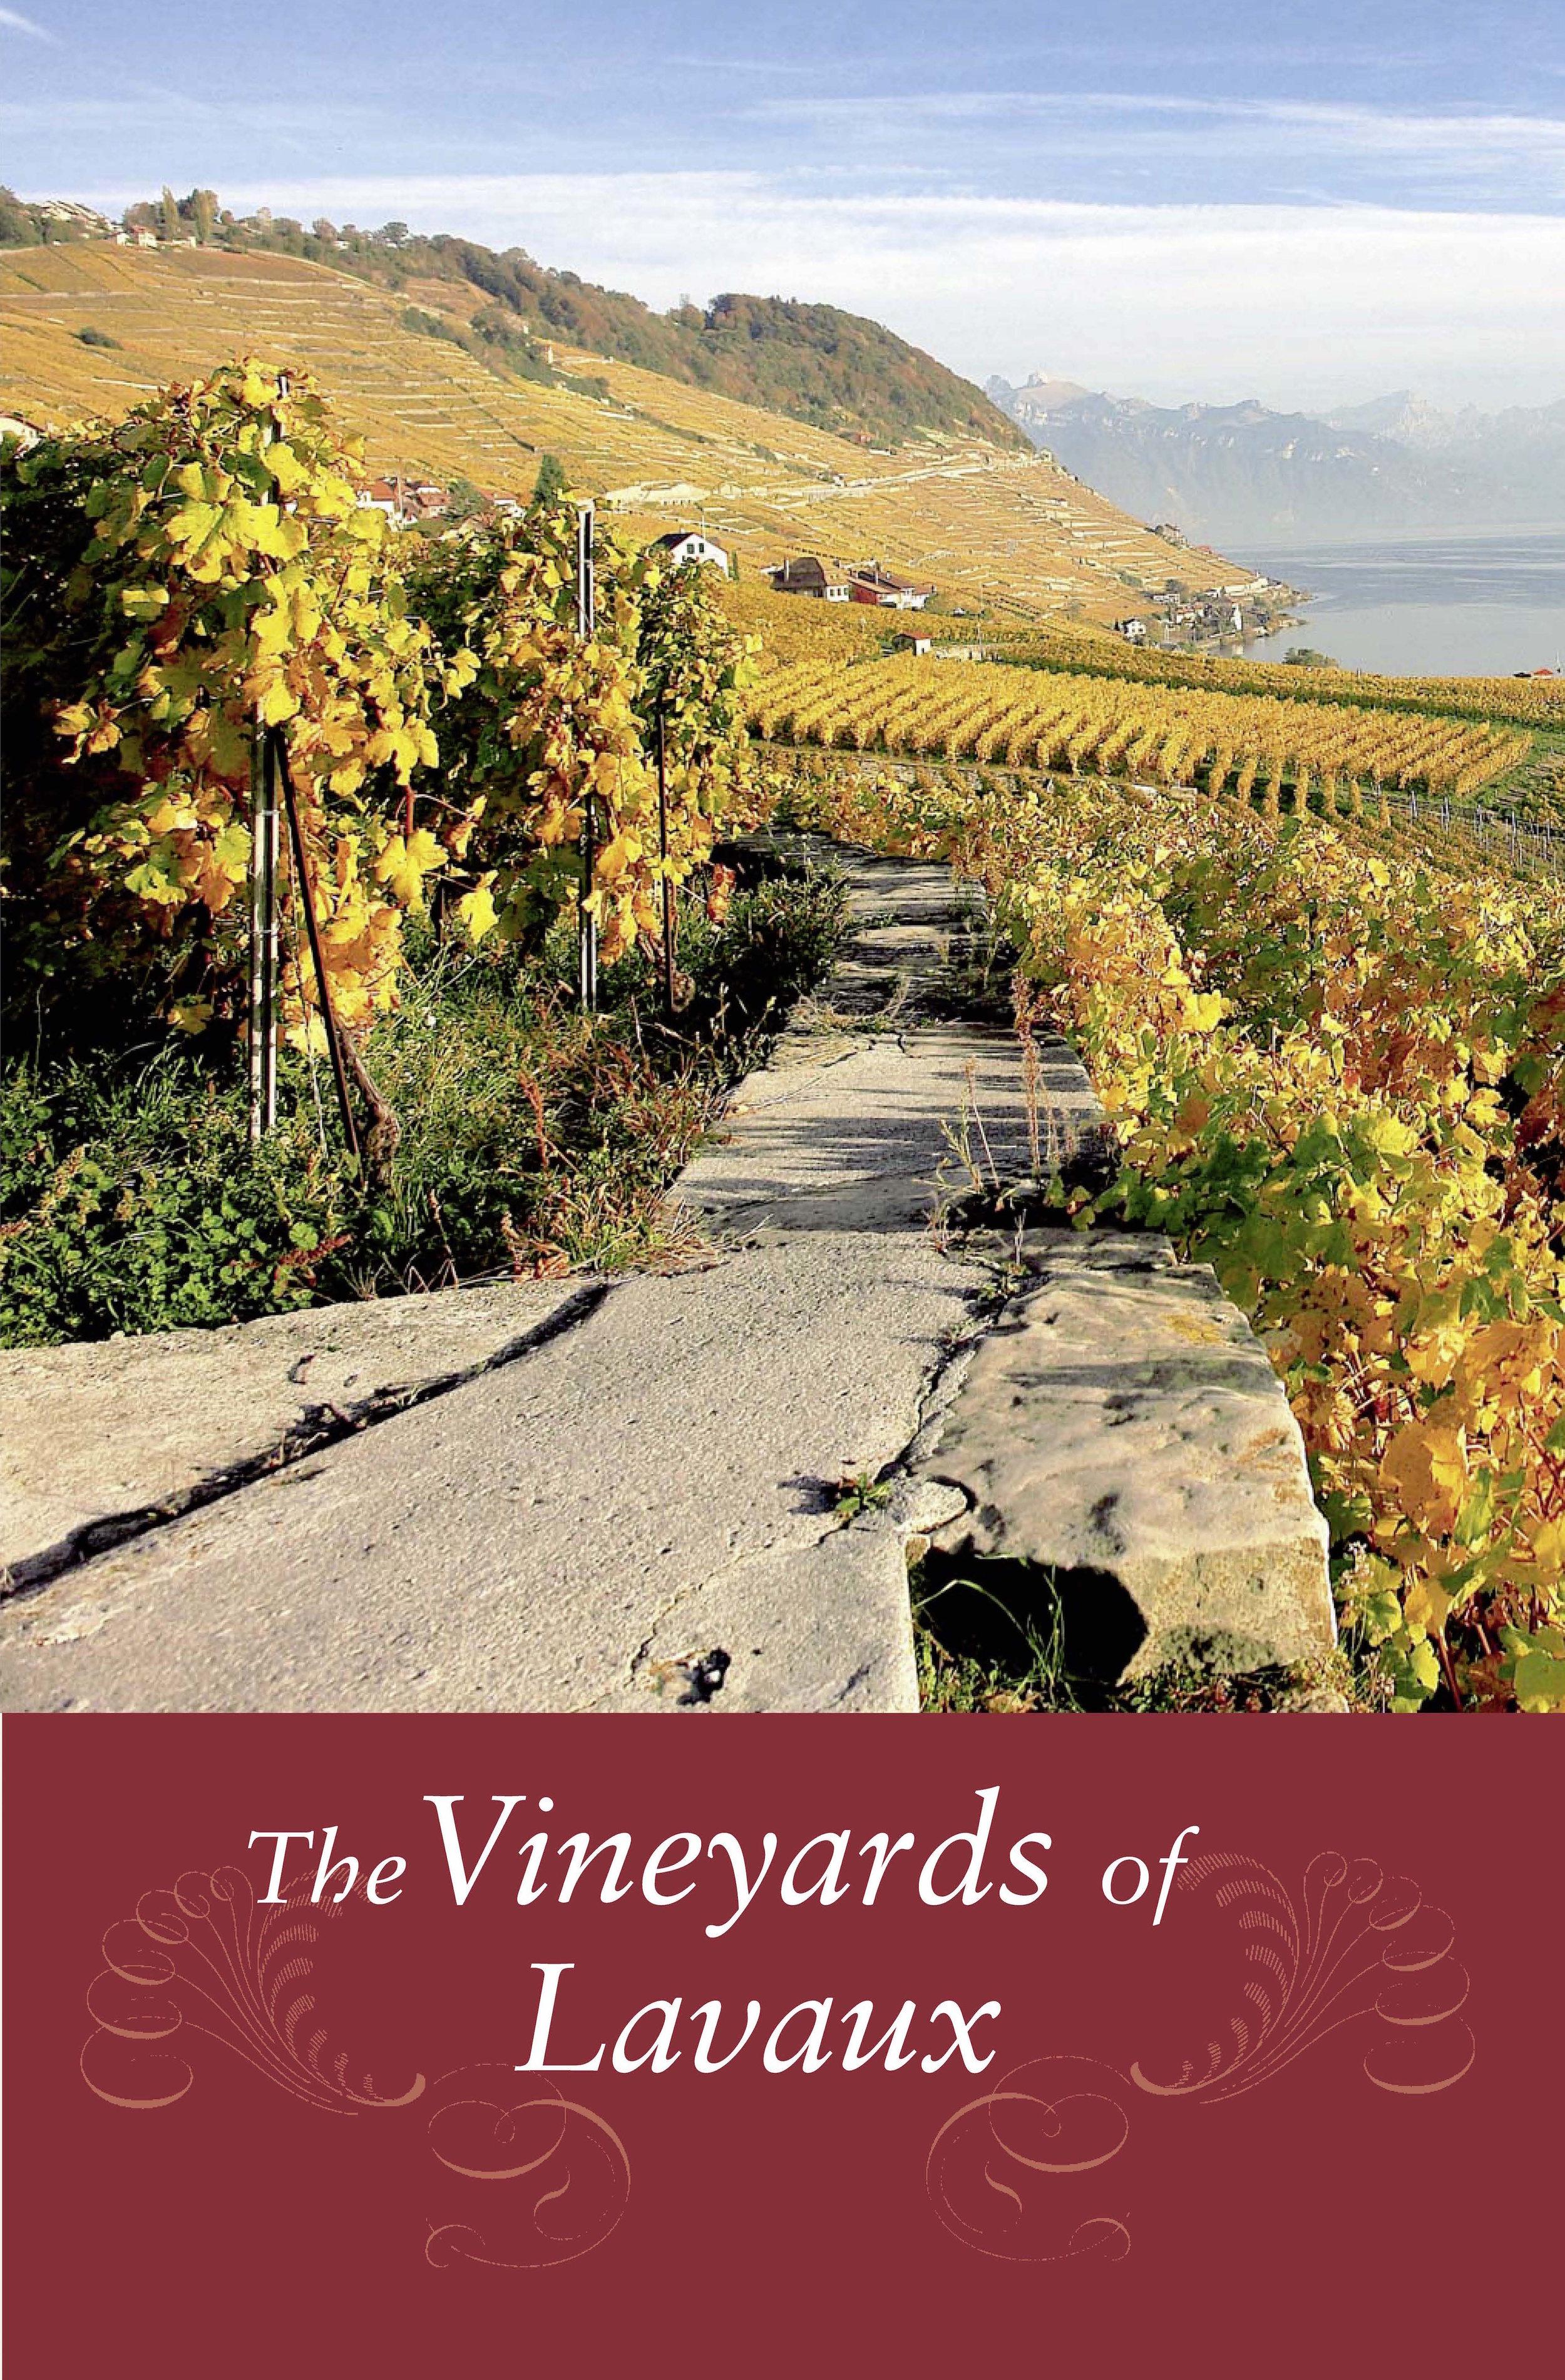 Vineyards of Lavaux_Page_1.jpg